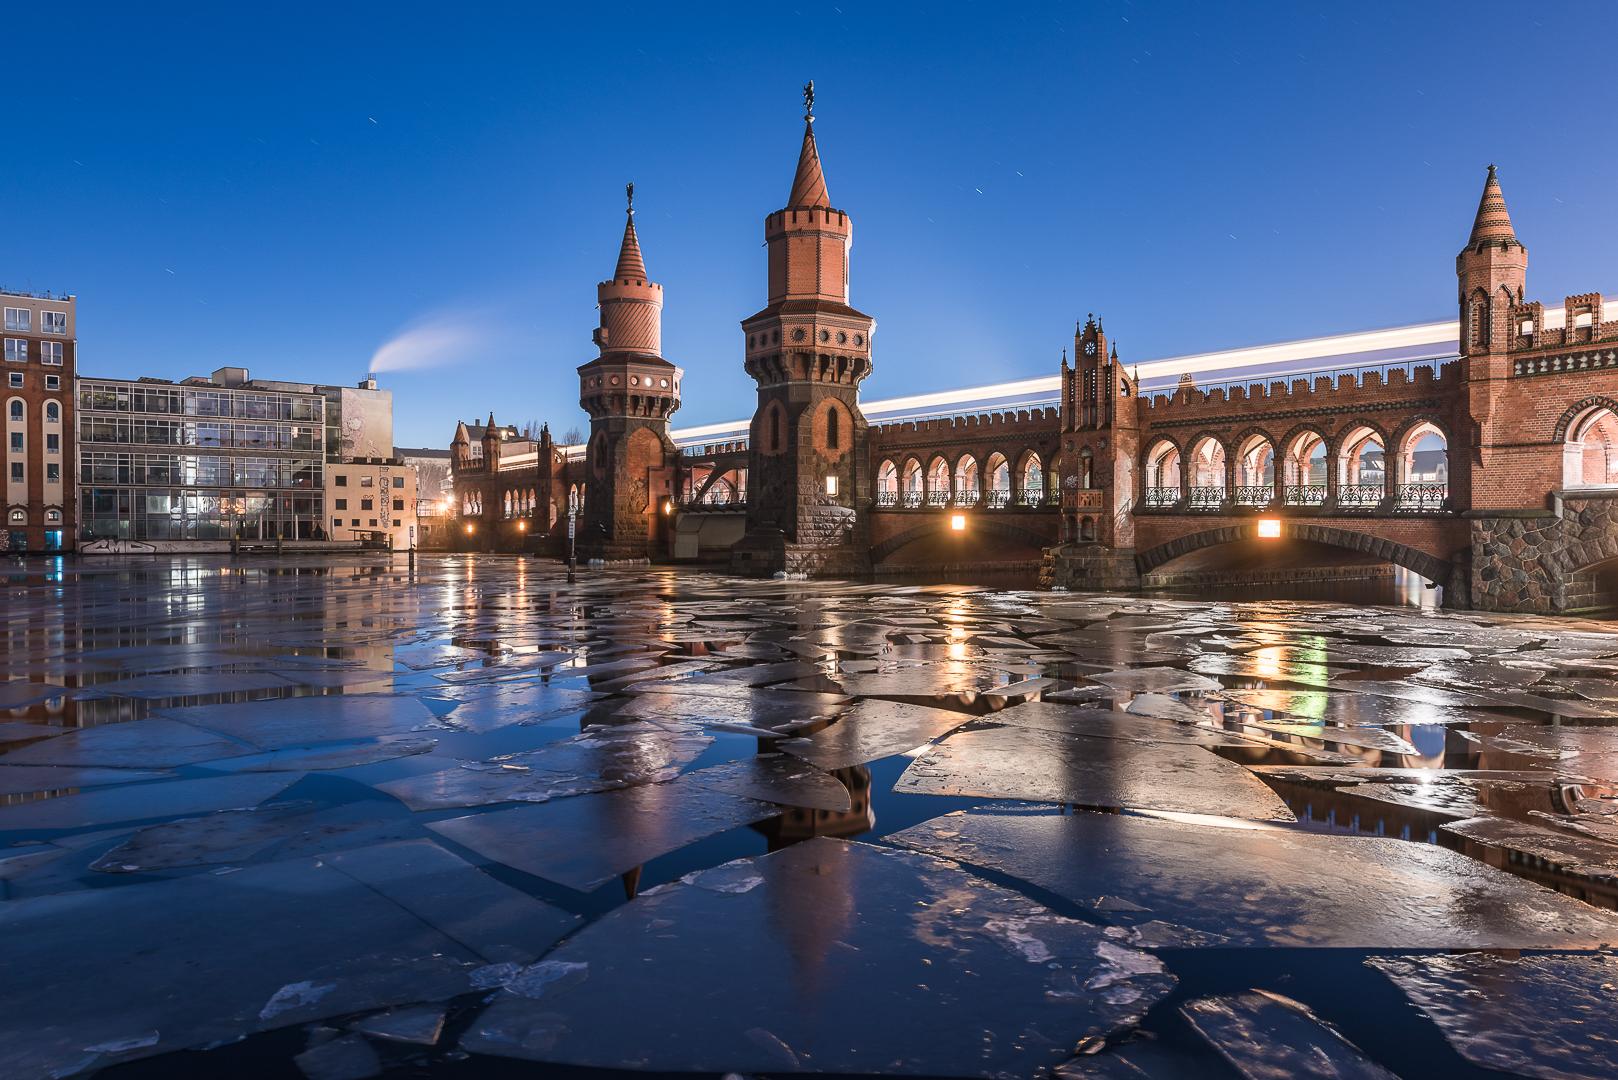 Berlin, Oberbaumbrücke, Bridge, Architektur, Architecture, Ice, Eis, Eisschollen, On the Rocks, am Stil, Blue Hour, Blaue Stunde